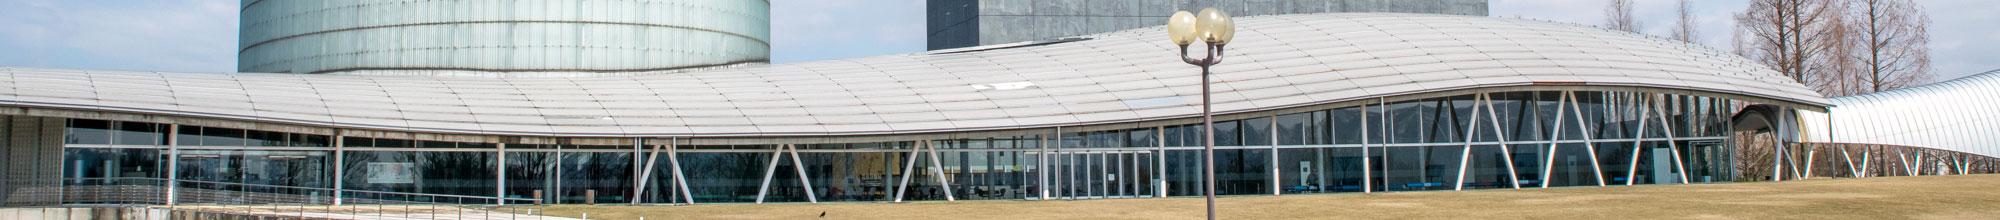 長岡リリックホール - 長岡市を中心に建設・土木・建築資材をお届けします